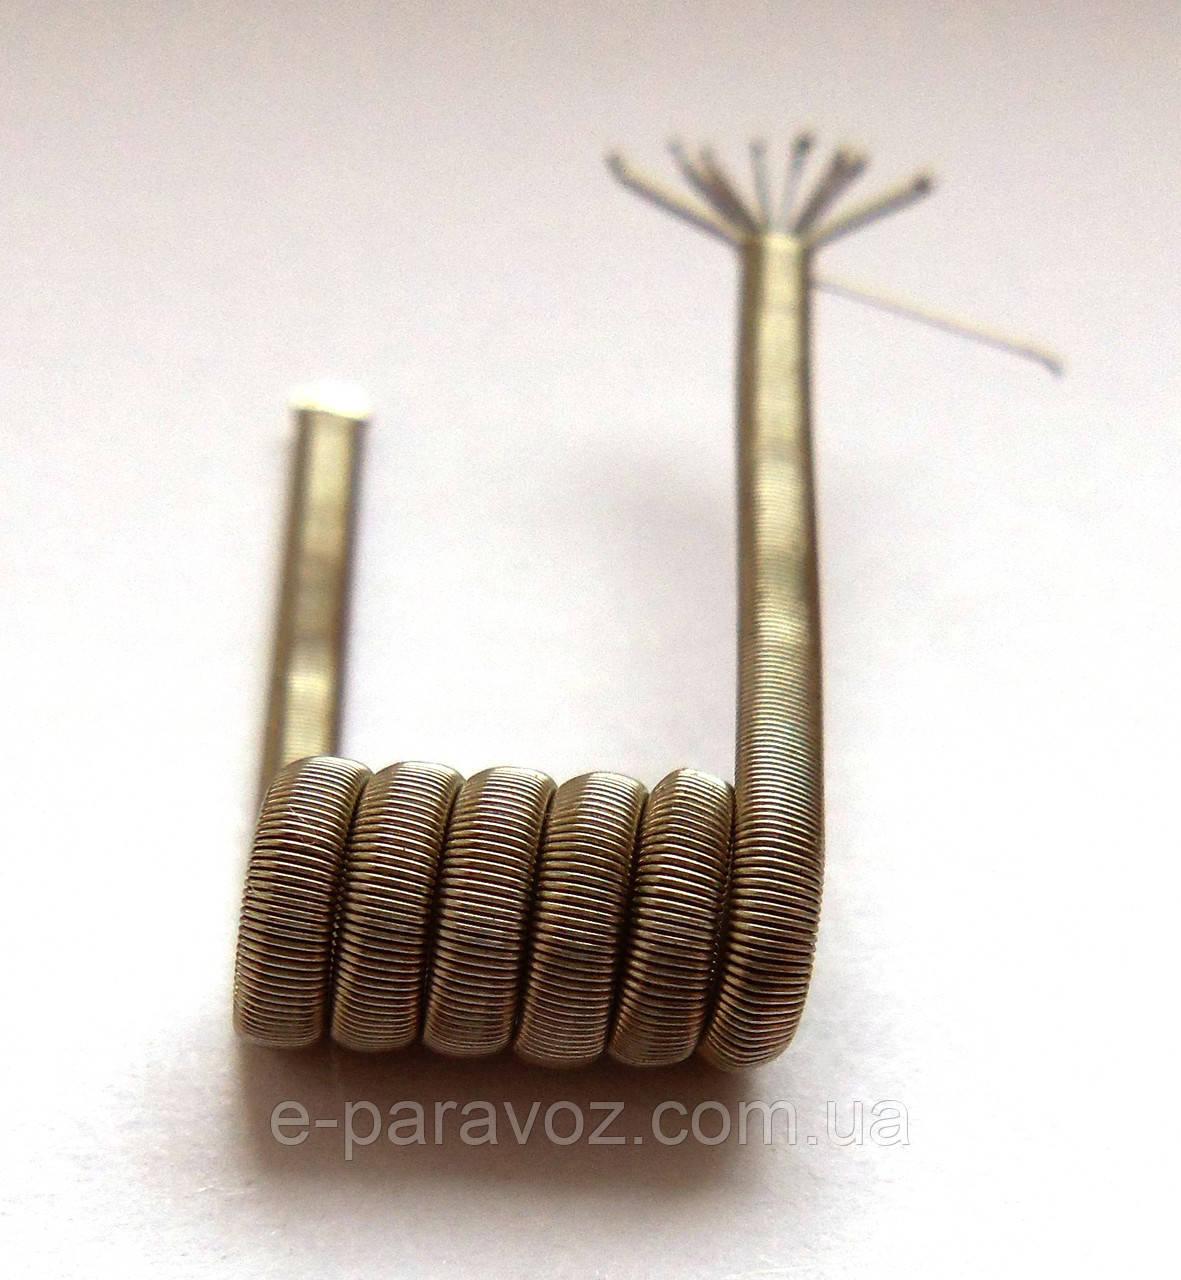 НОВИНКА! Framed Staple coil заготовка 1 метр